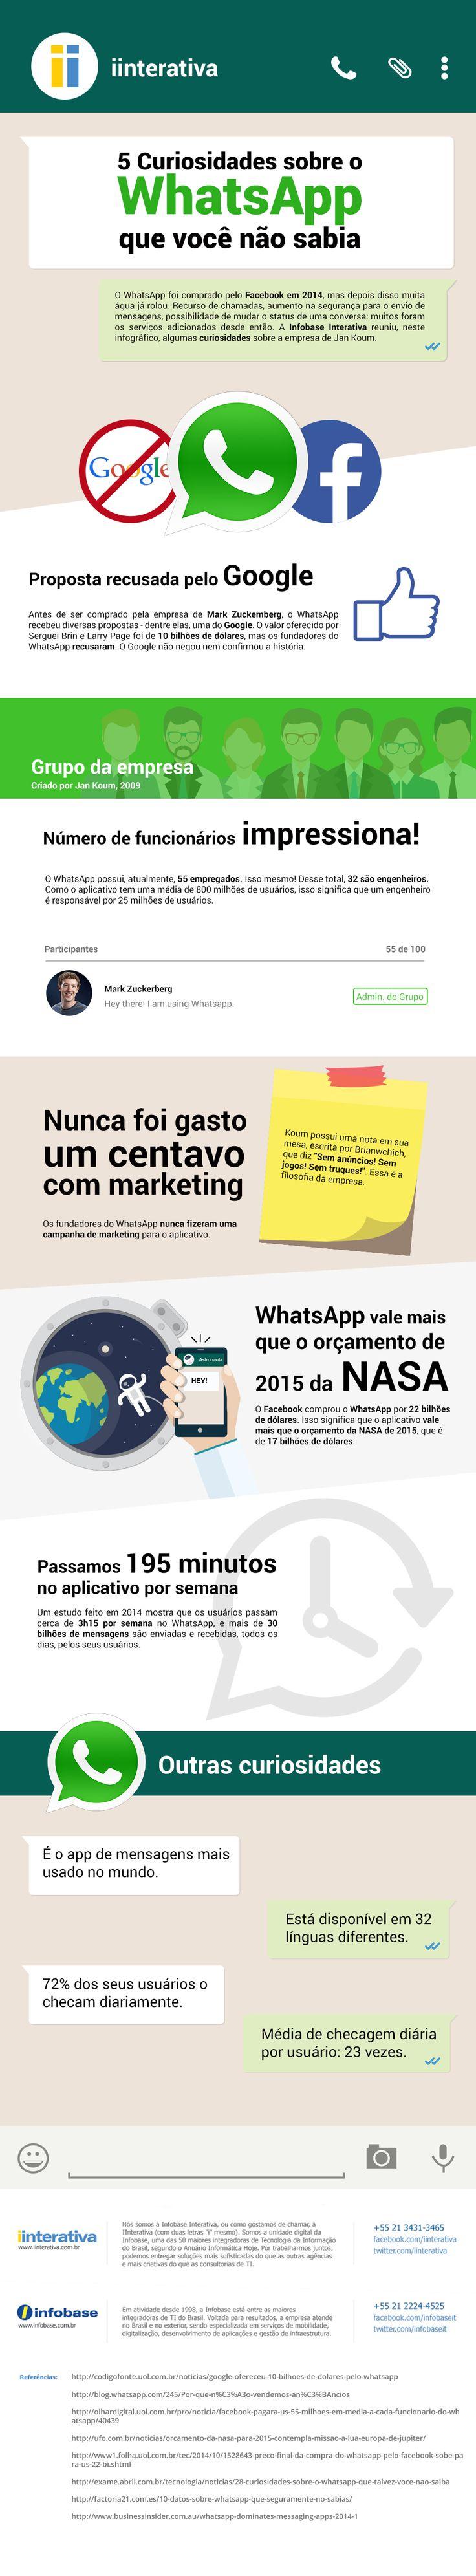 WhatsApp: infográfico mostra coisas que você nem imaginava sobre o app